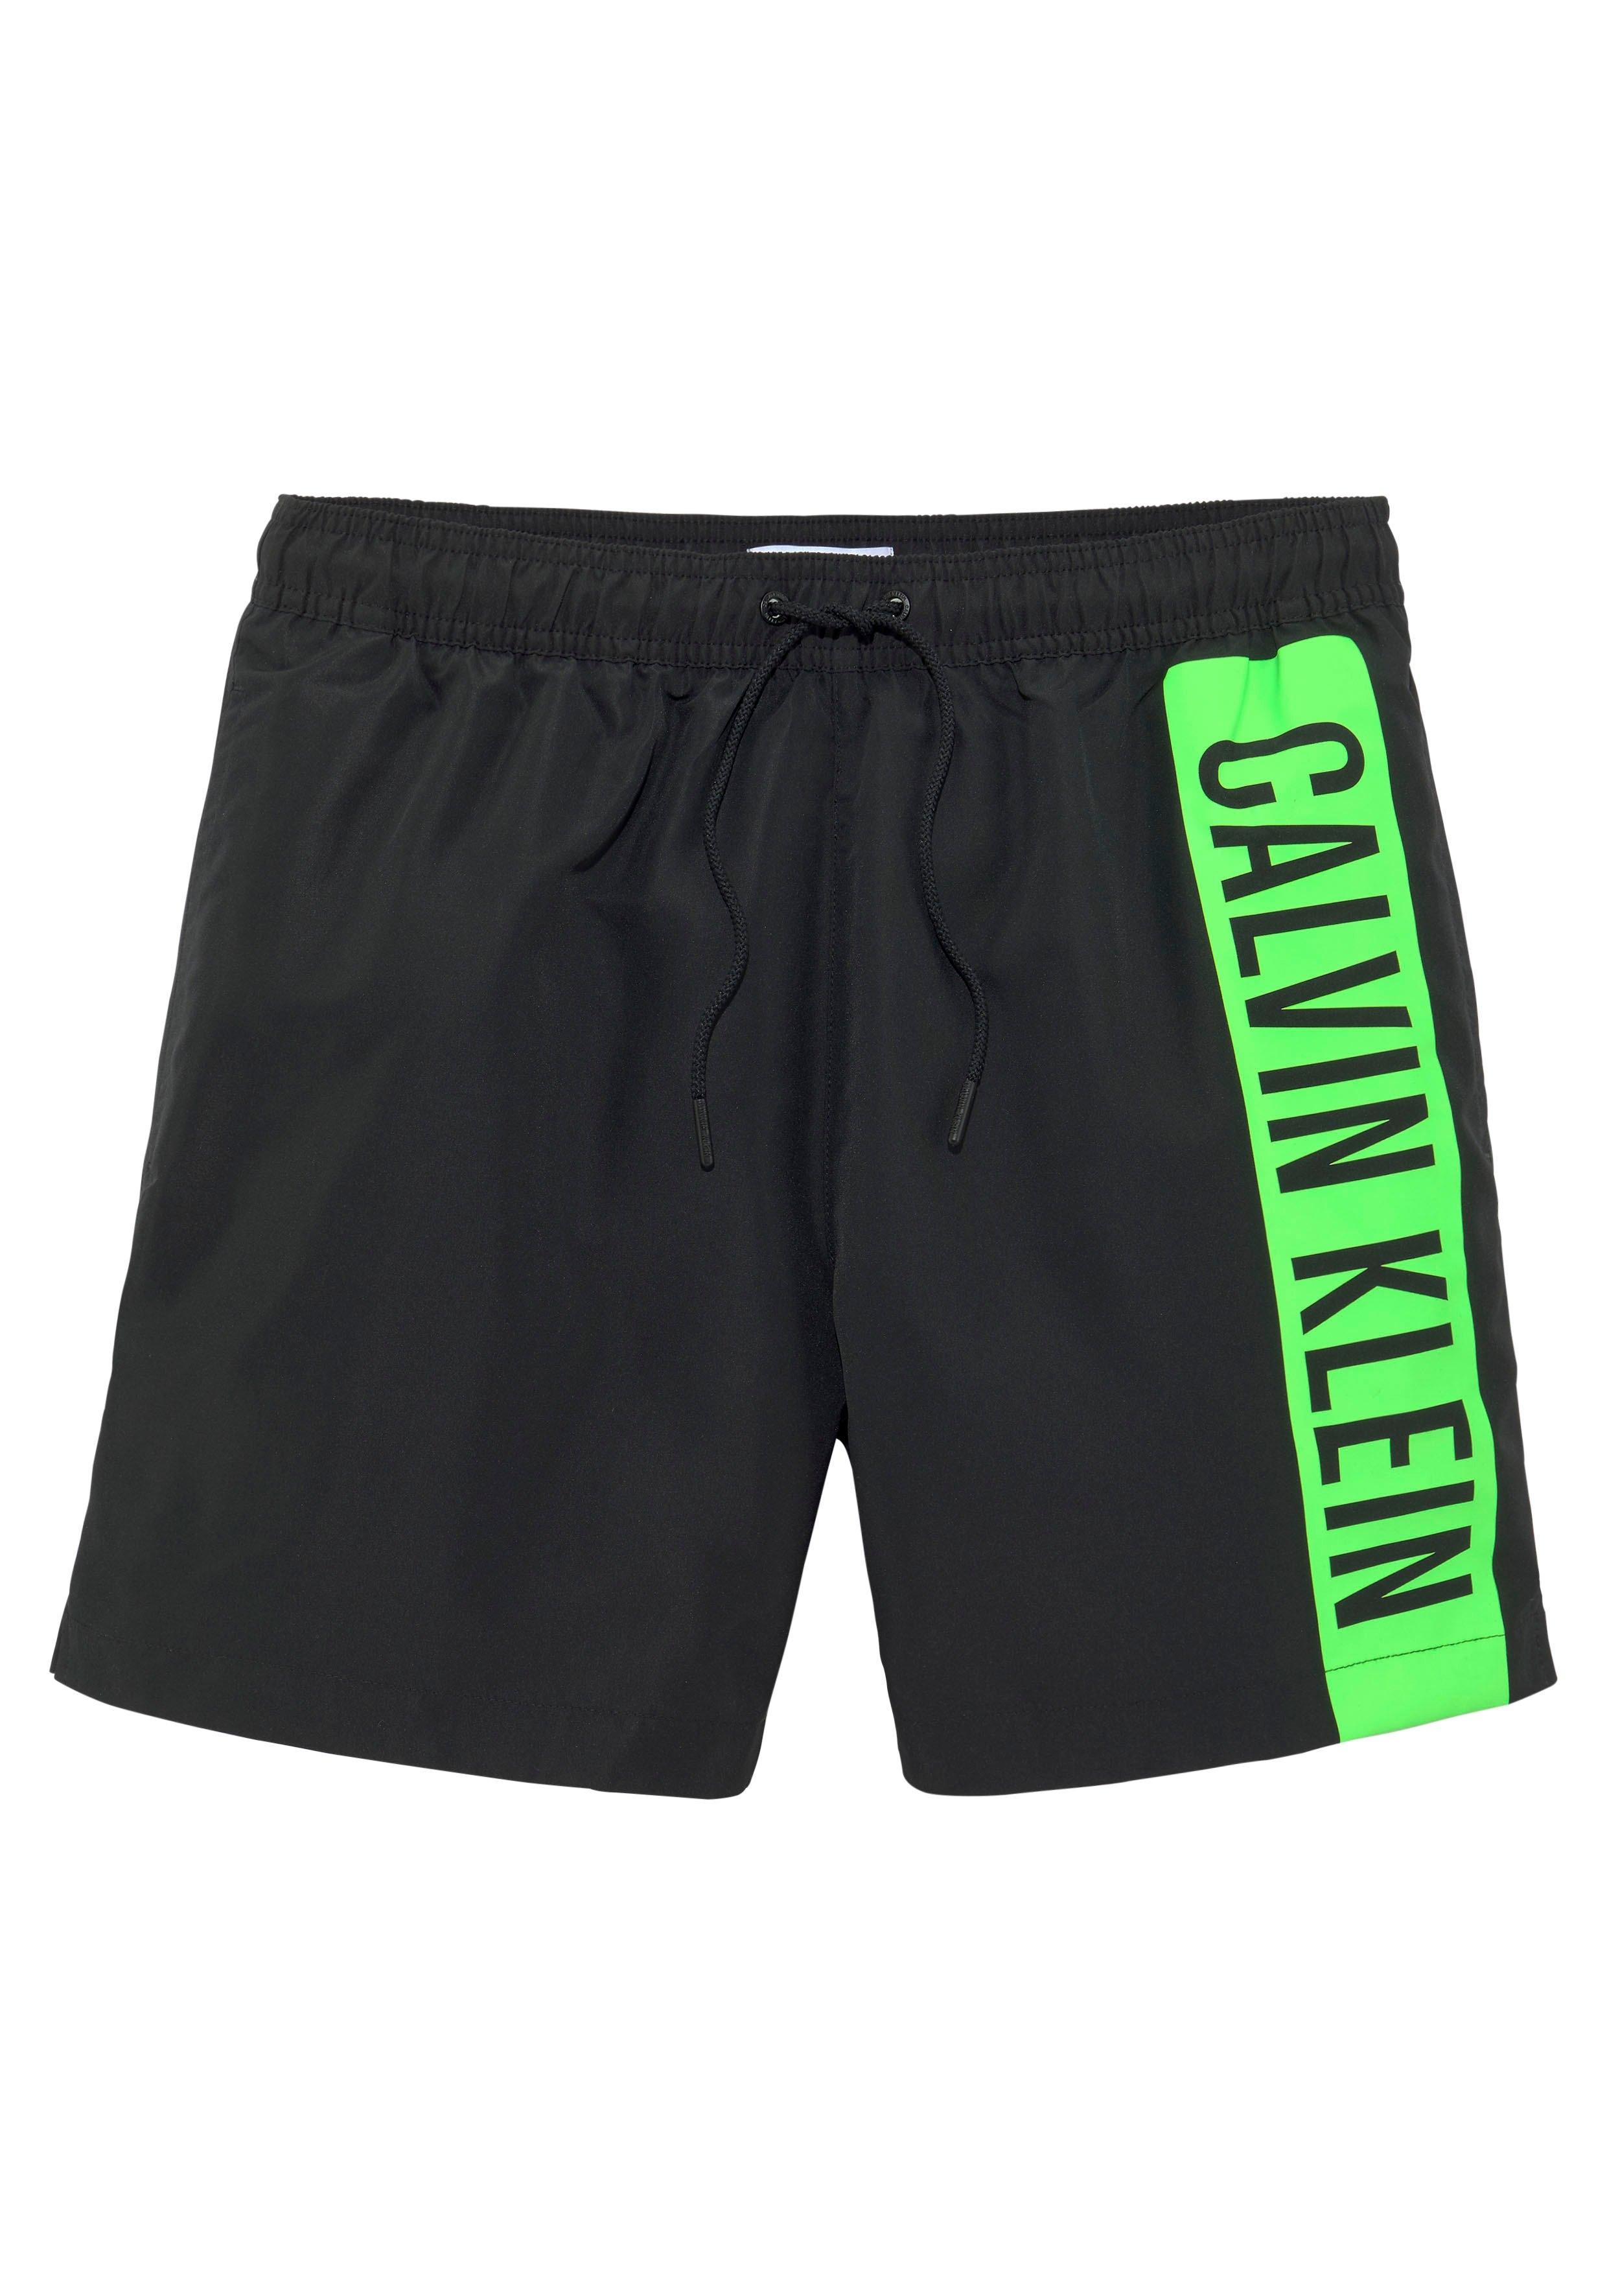 Calvin Klein zwemshort met trendy logoprint - gratis ruilen op lascana.nl